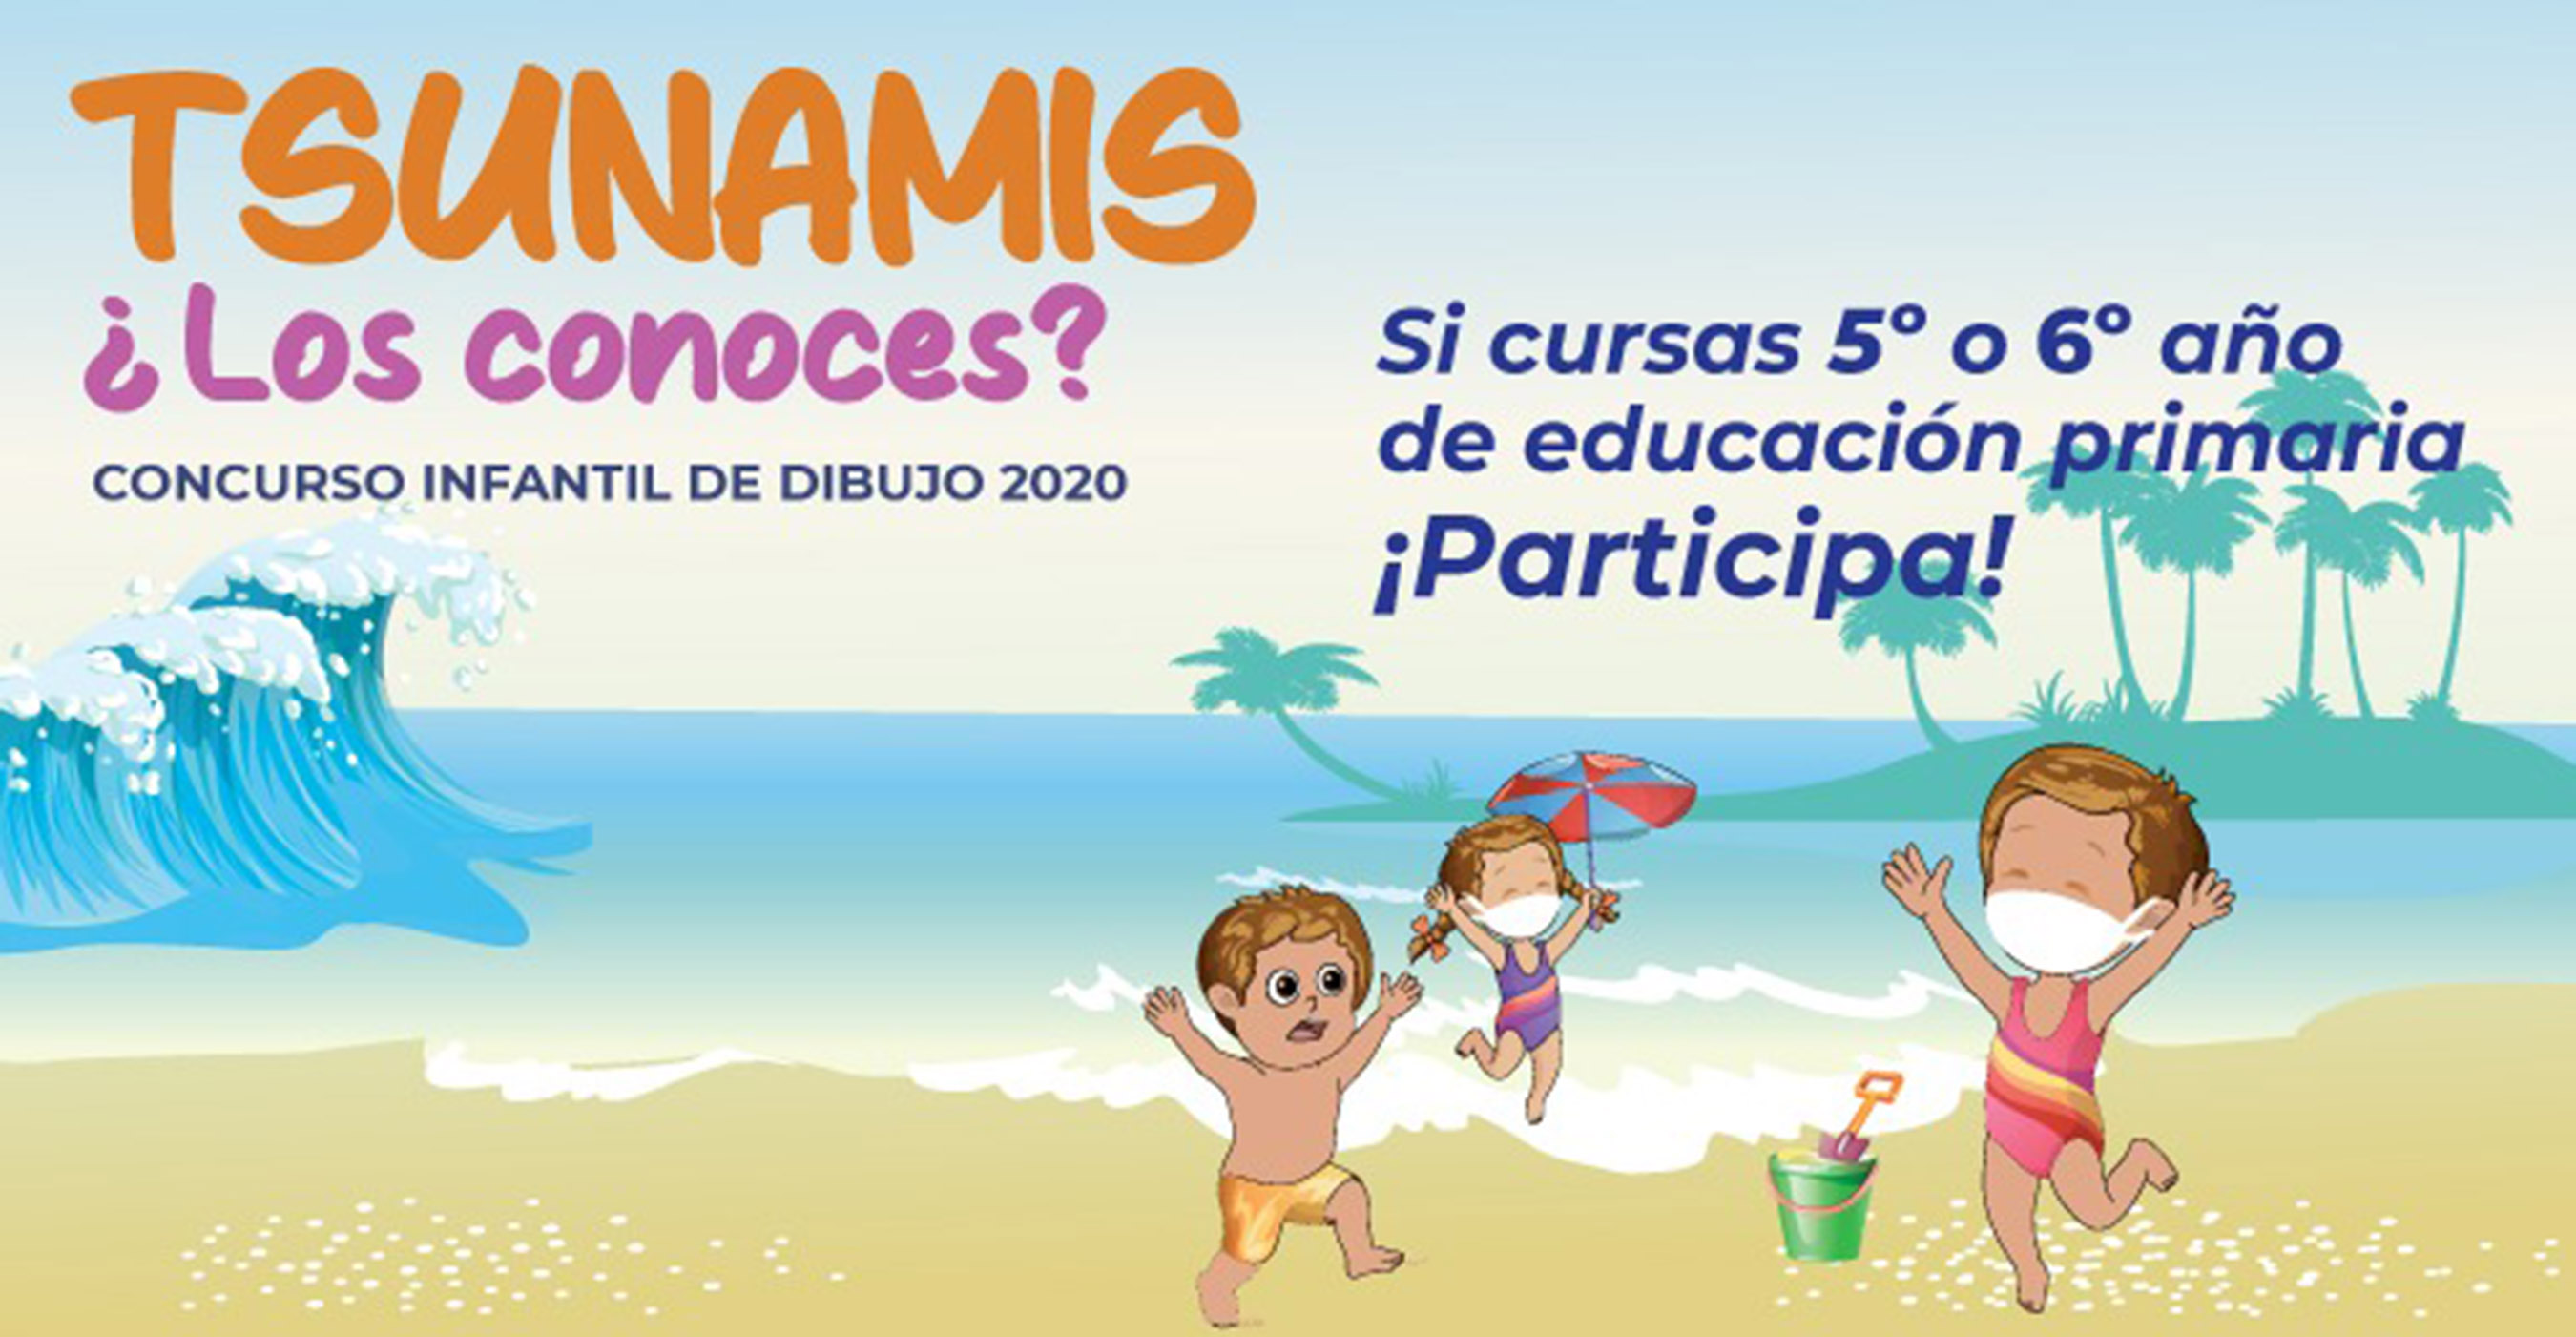 Concurso infantil de dibujo 2020